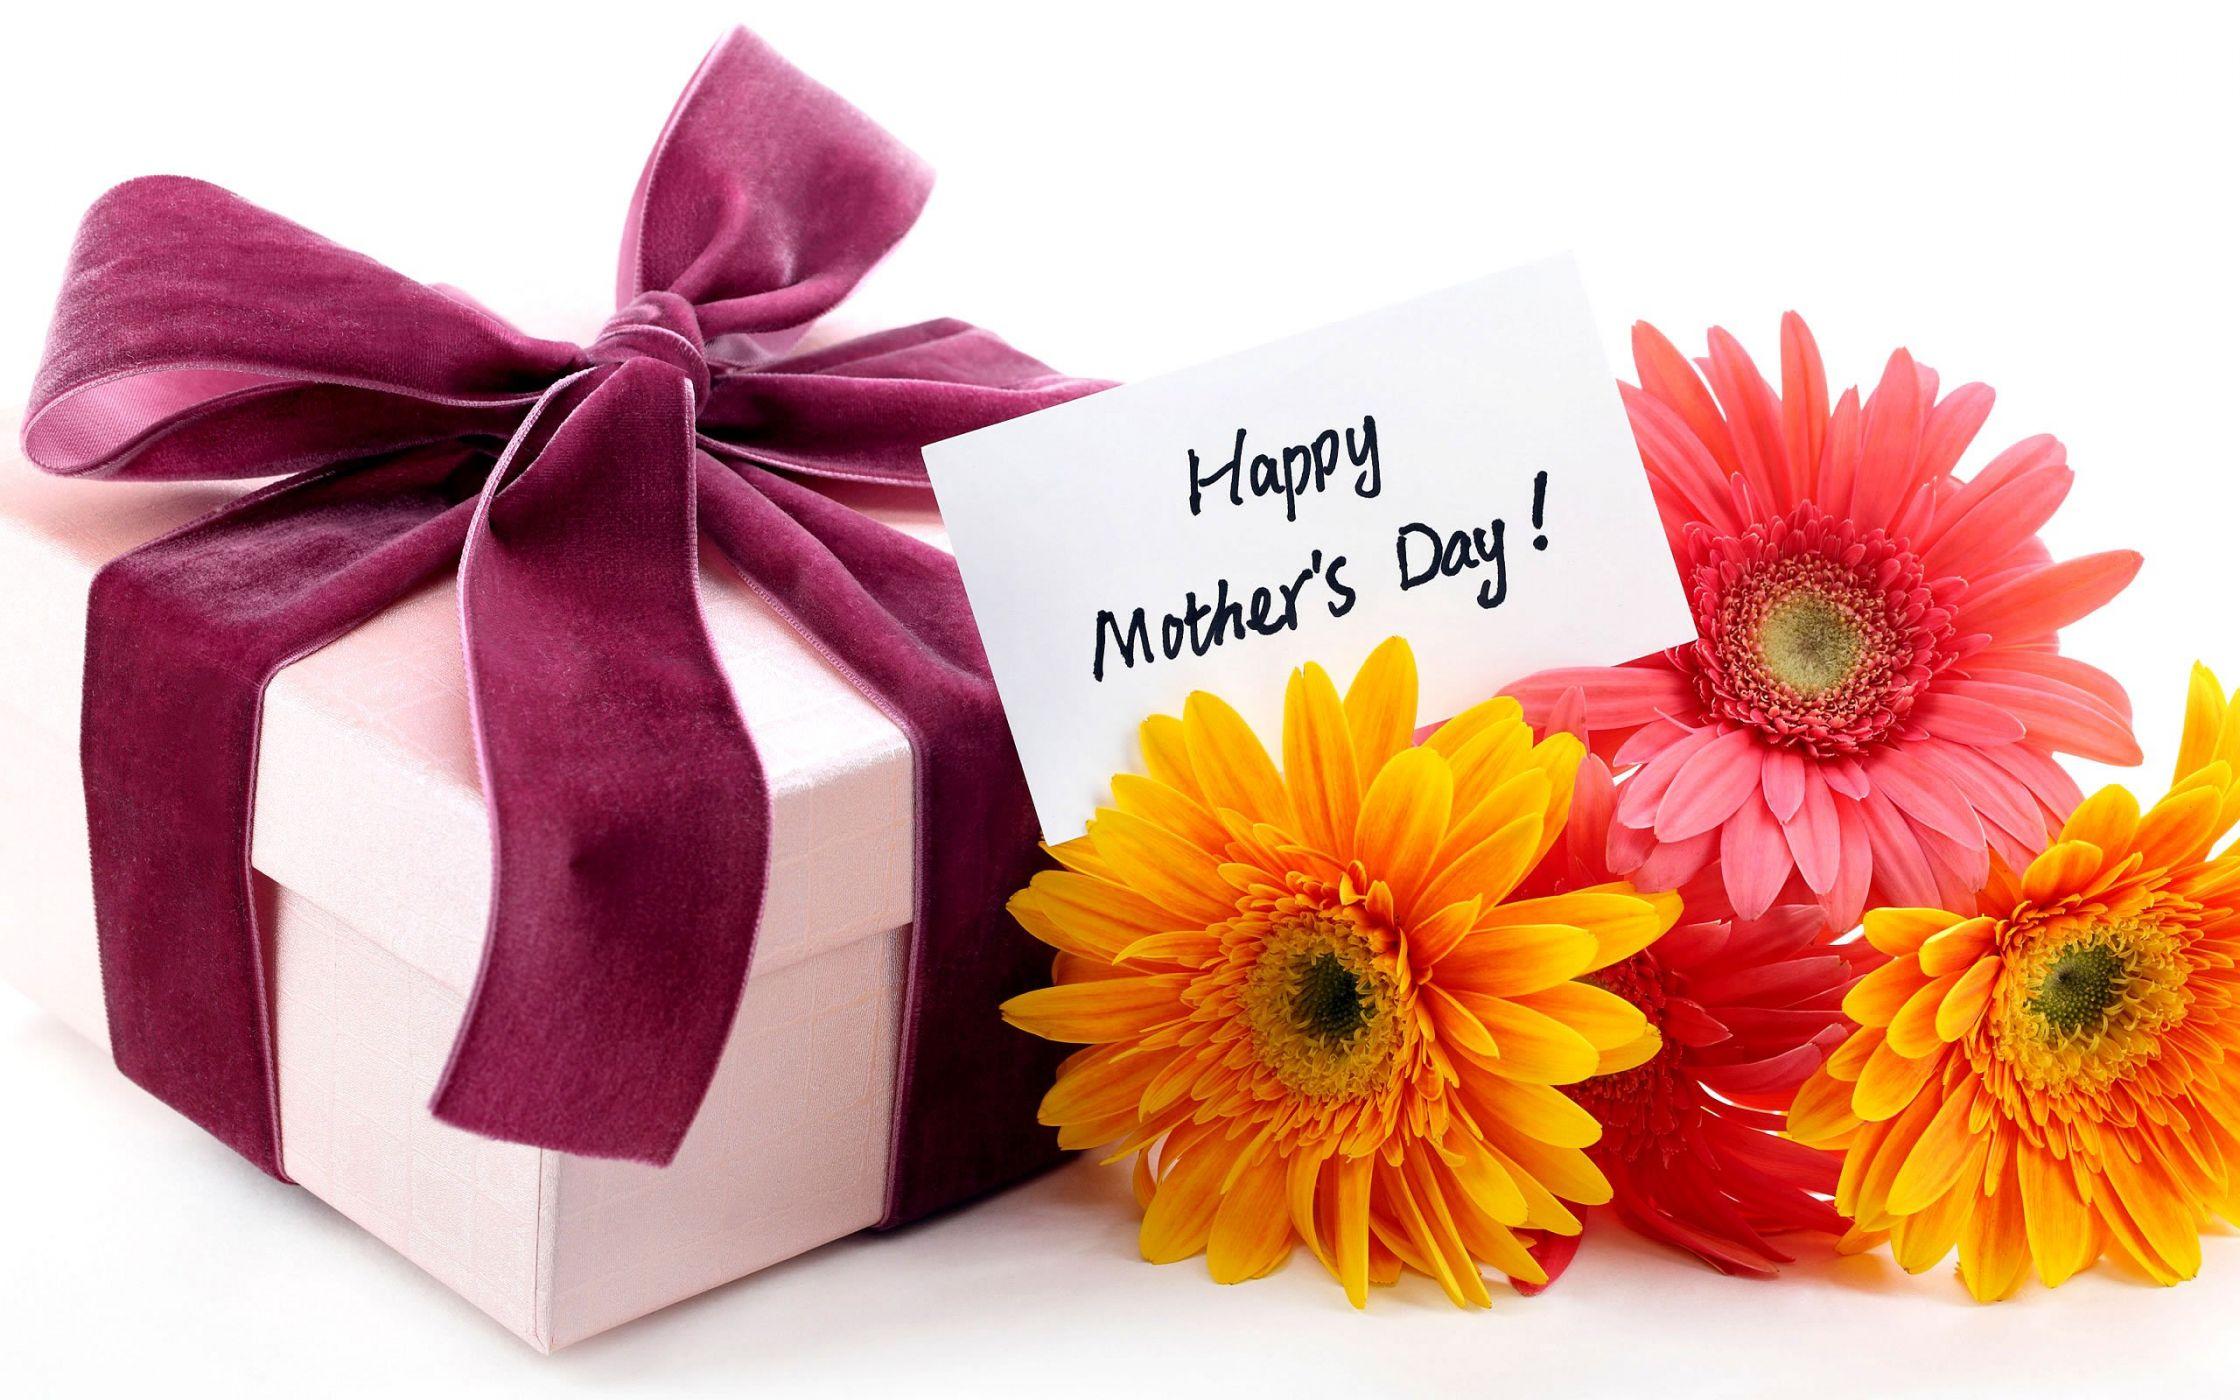 Картинки цветы на день матери красивые, все возрасты покорны